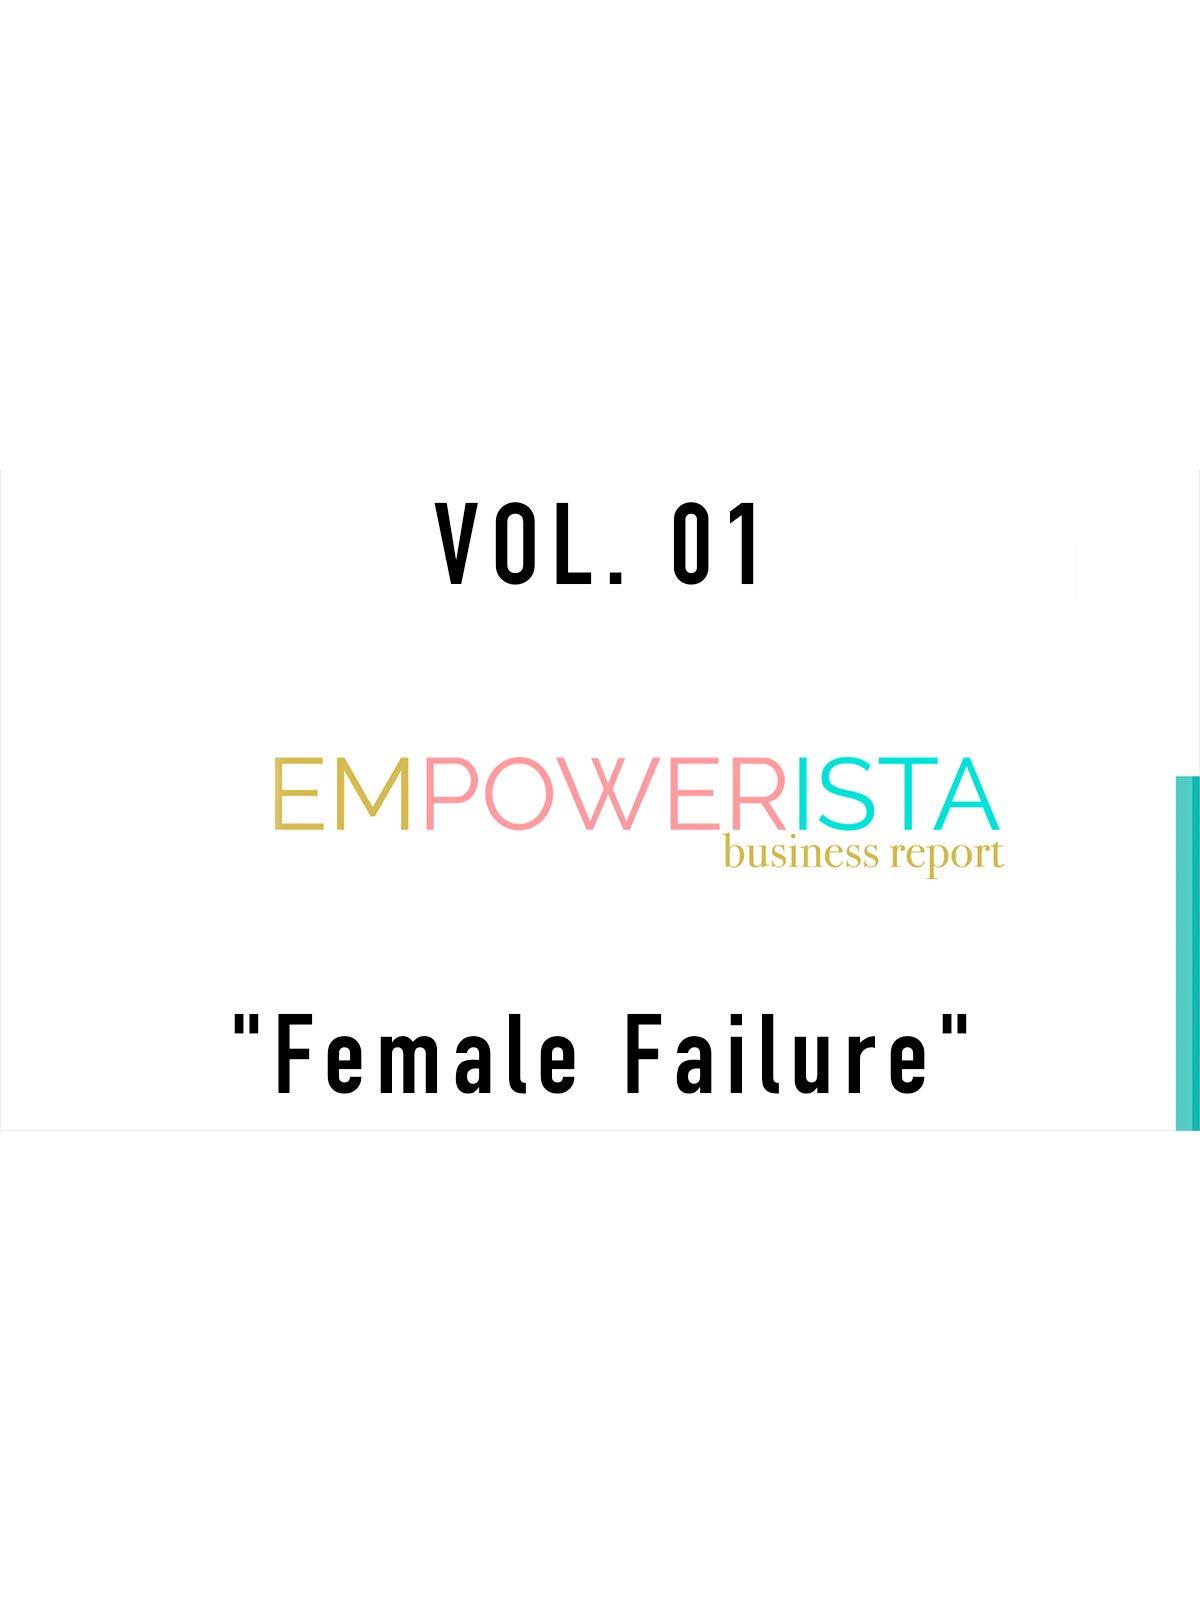 Empowerista Vol. 01